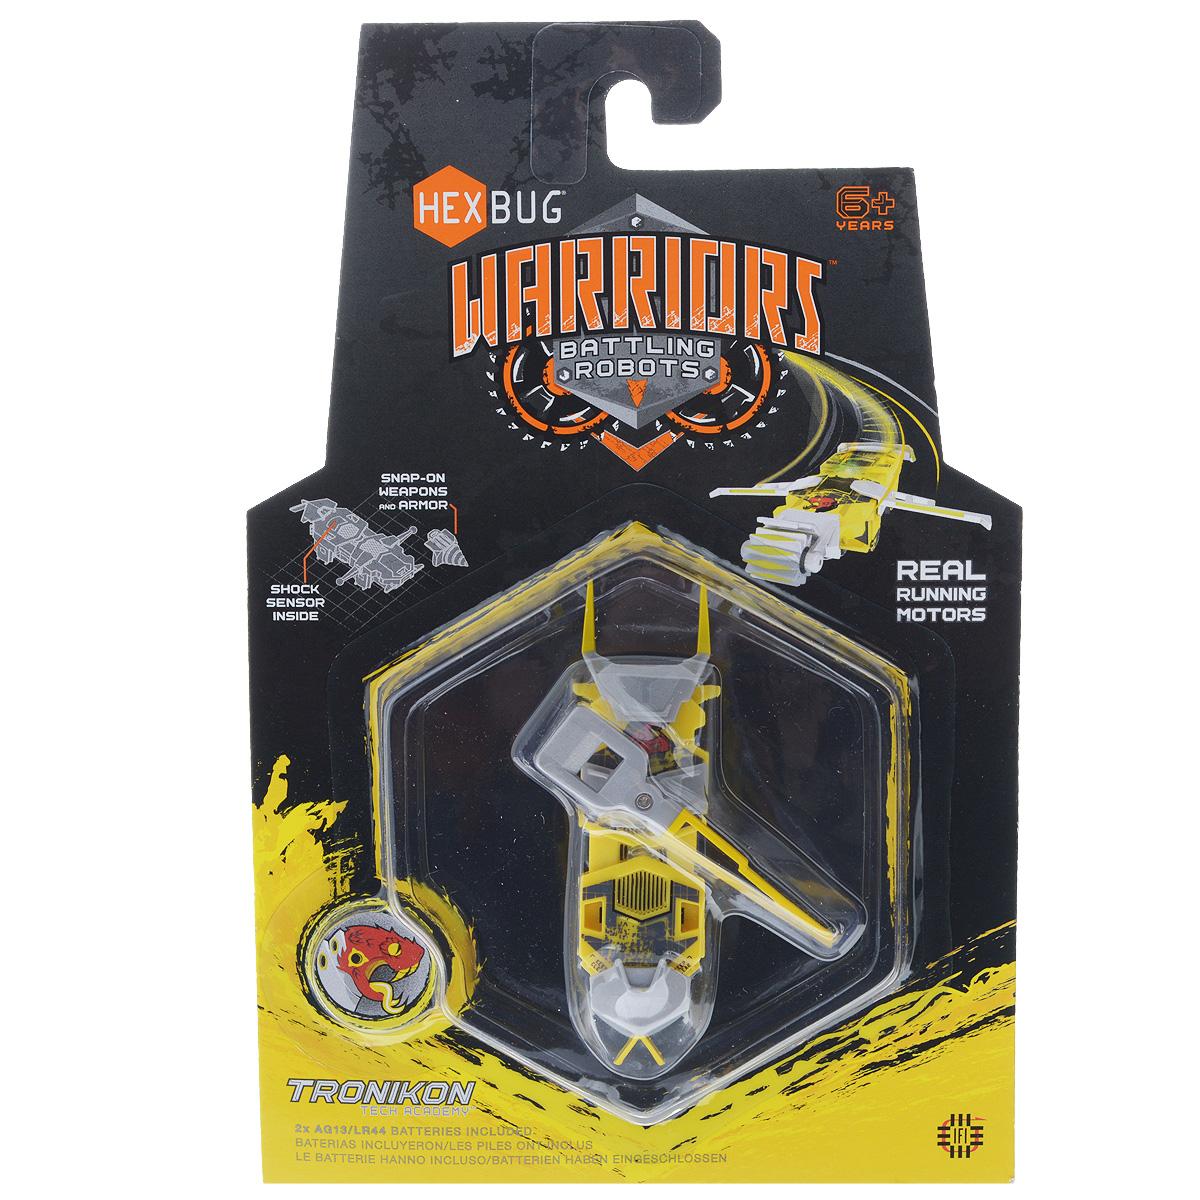 Микро-робот Hexbug Warriors. Tronikon, цвет: желтый. S1-1С477-1982_S1-1С желтыйМикро-робот Hexbug Warriors. Tronikon - робот-жук, создан по уникальной нано-технологии, он имеет мощный электромотор, за счет вибрации которого он движется вперед и сметает все на своем пути. Крутящиеся сабли, наносящие точные удары, вибрирующие крылышки и разрезающий на куски диск. Микро-робот оснащен сменными элементами кинетической амуниции, датчиком удара, функцией контроля уровня здоровья. Доступны 2 уровня игры: тренировка и битва. В режиме Тренировка датчик удара и функция контроля уровня здоровья отключены. В режиме Битва каждый удар снижает уровень здоровья микро-робота. Подготовьте бойца к сражению, нажмите на кнопку и удерживайте ее в течение трех секунд, когда загорится зеленый индикатор жизни - смело отпускайте его в бой. Для работы микро-робота необходимы 2 батареи типа LR44 (входят в комплект).